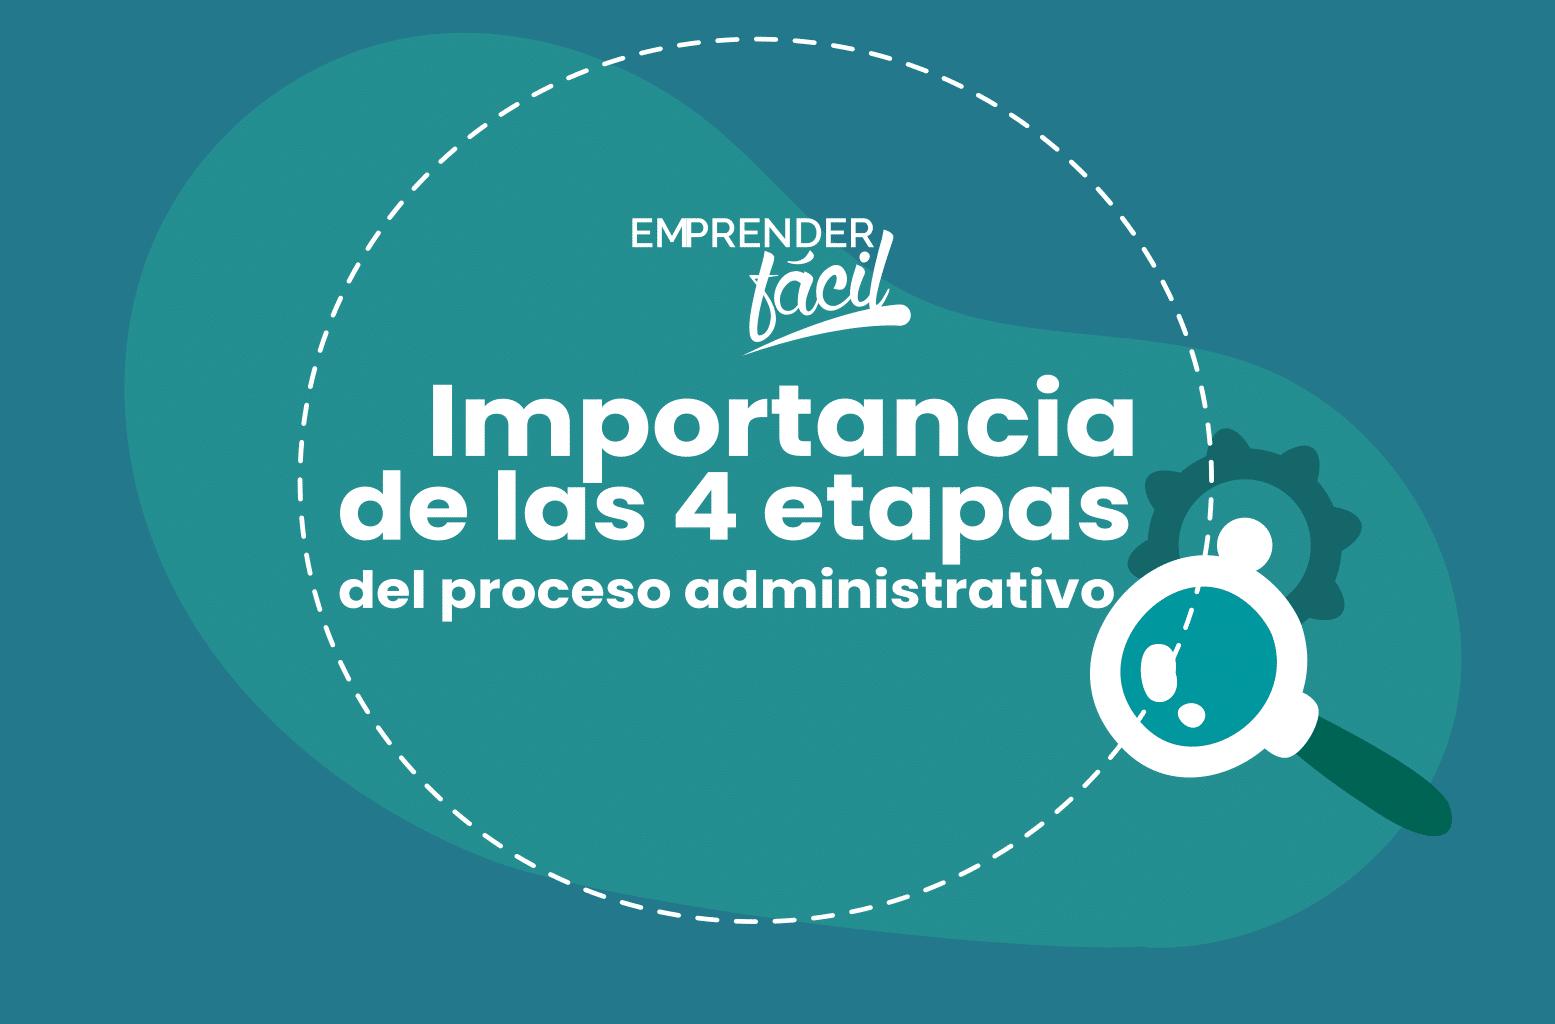 Las etapas del proceso administrativo son importantes